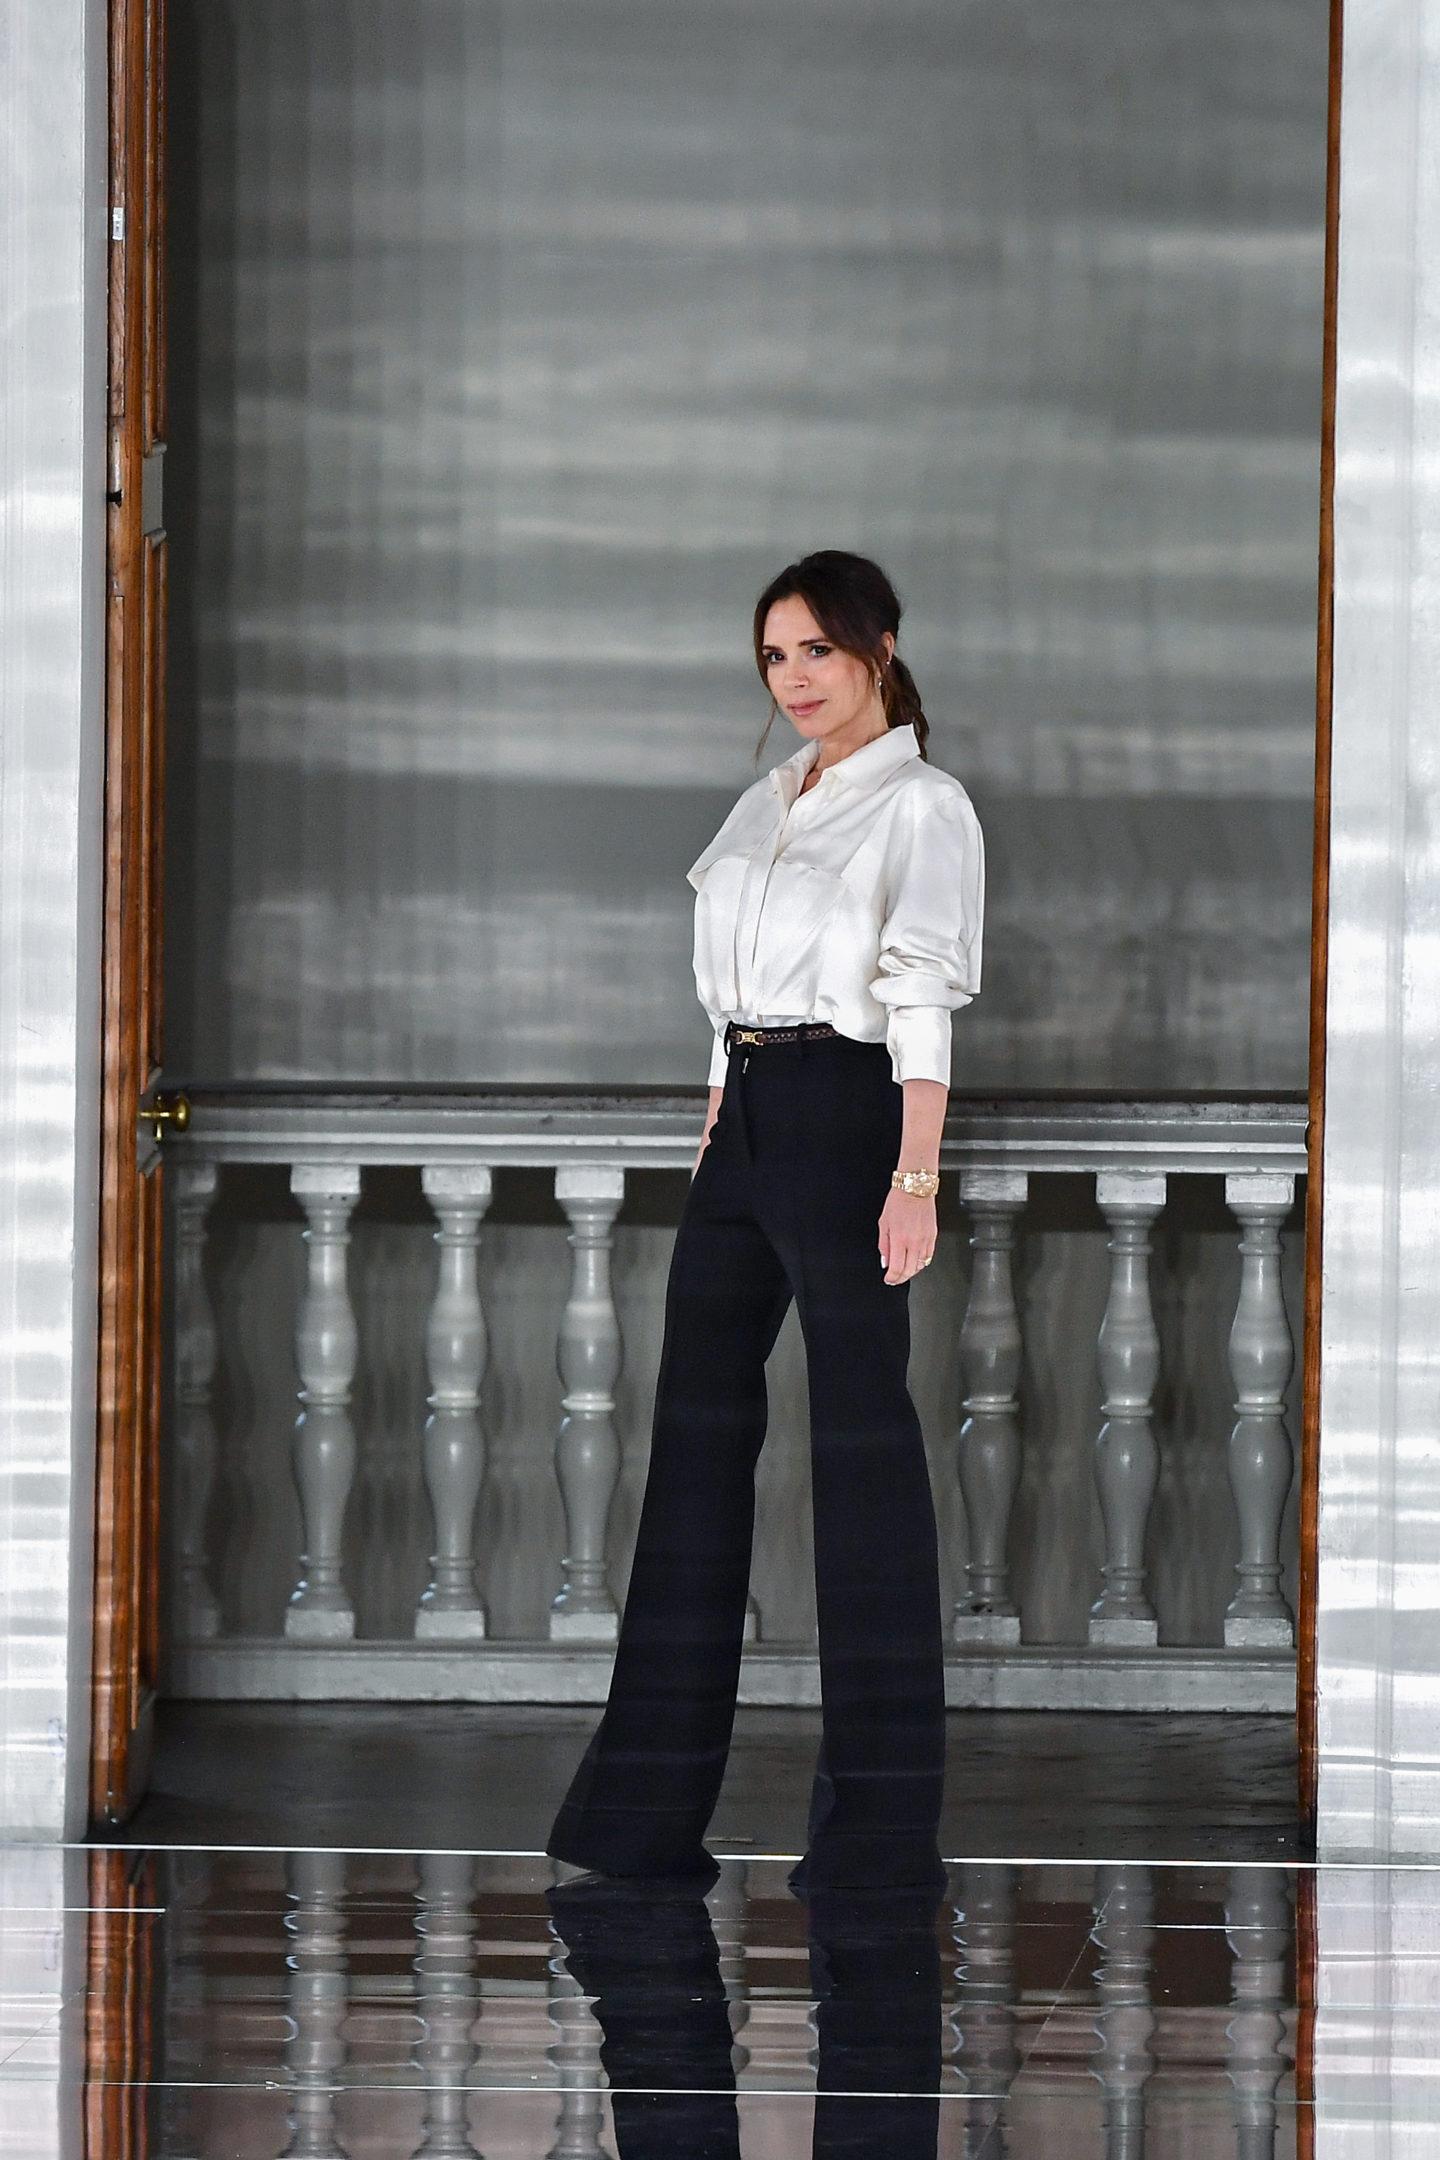 Victoria Beckham mặc sơ mi trắng phối màu trung tính